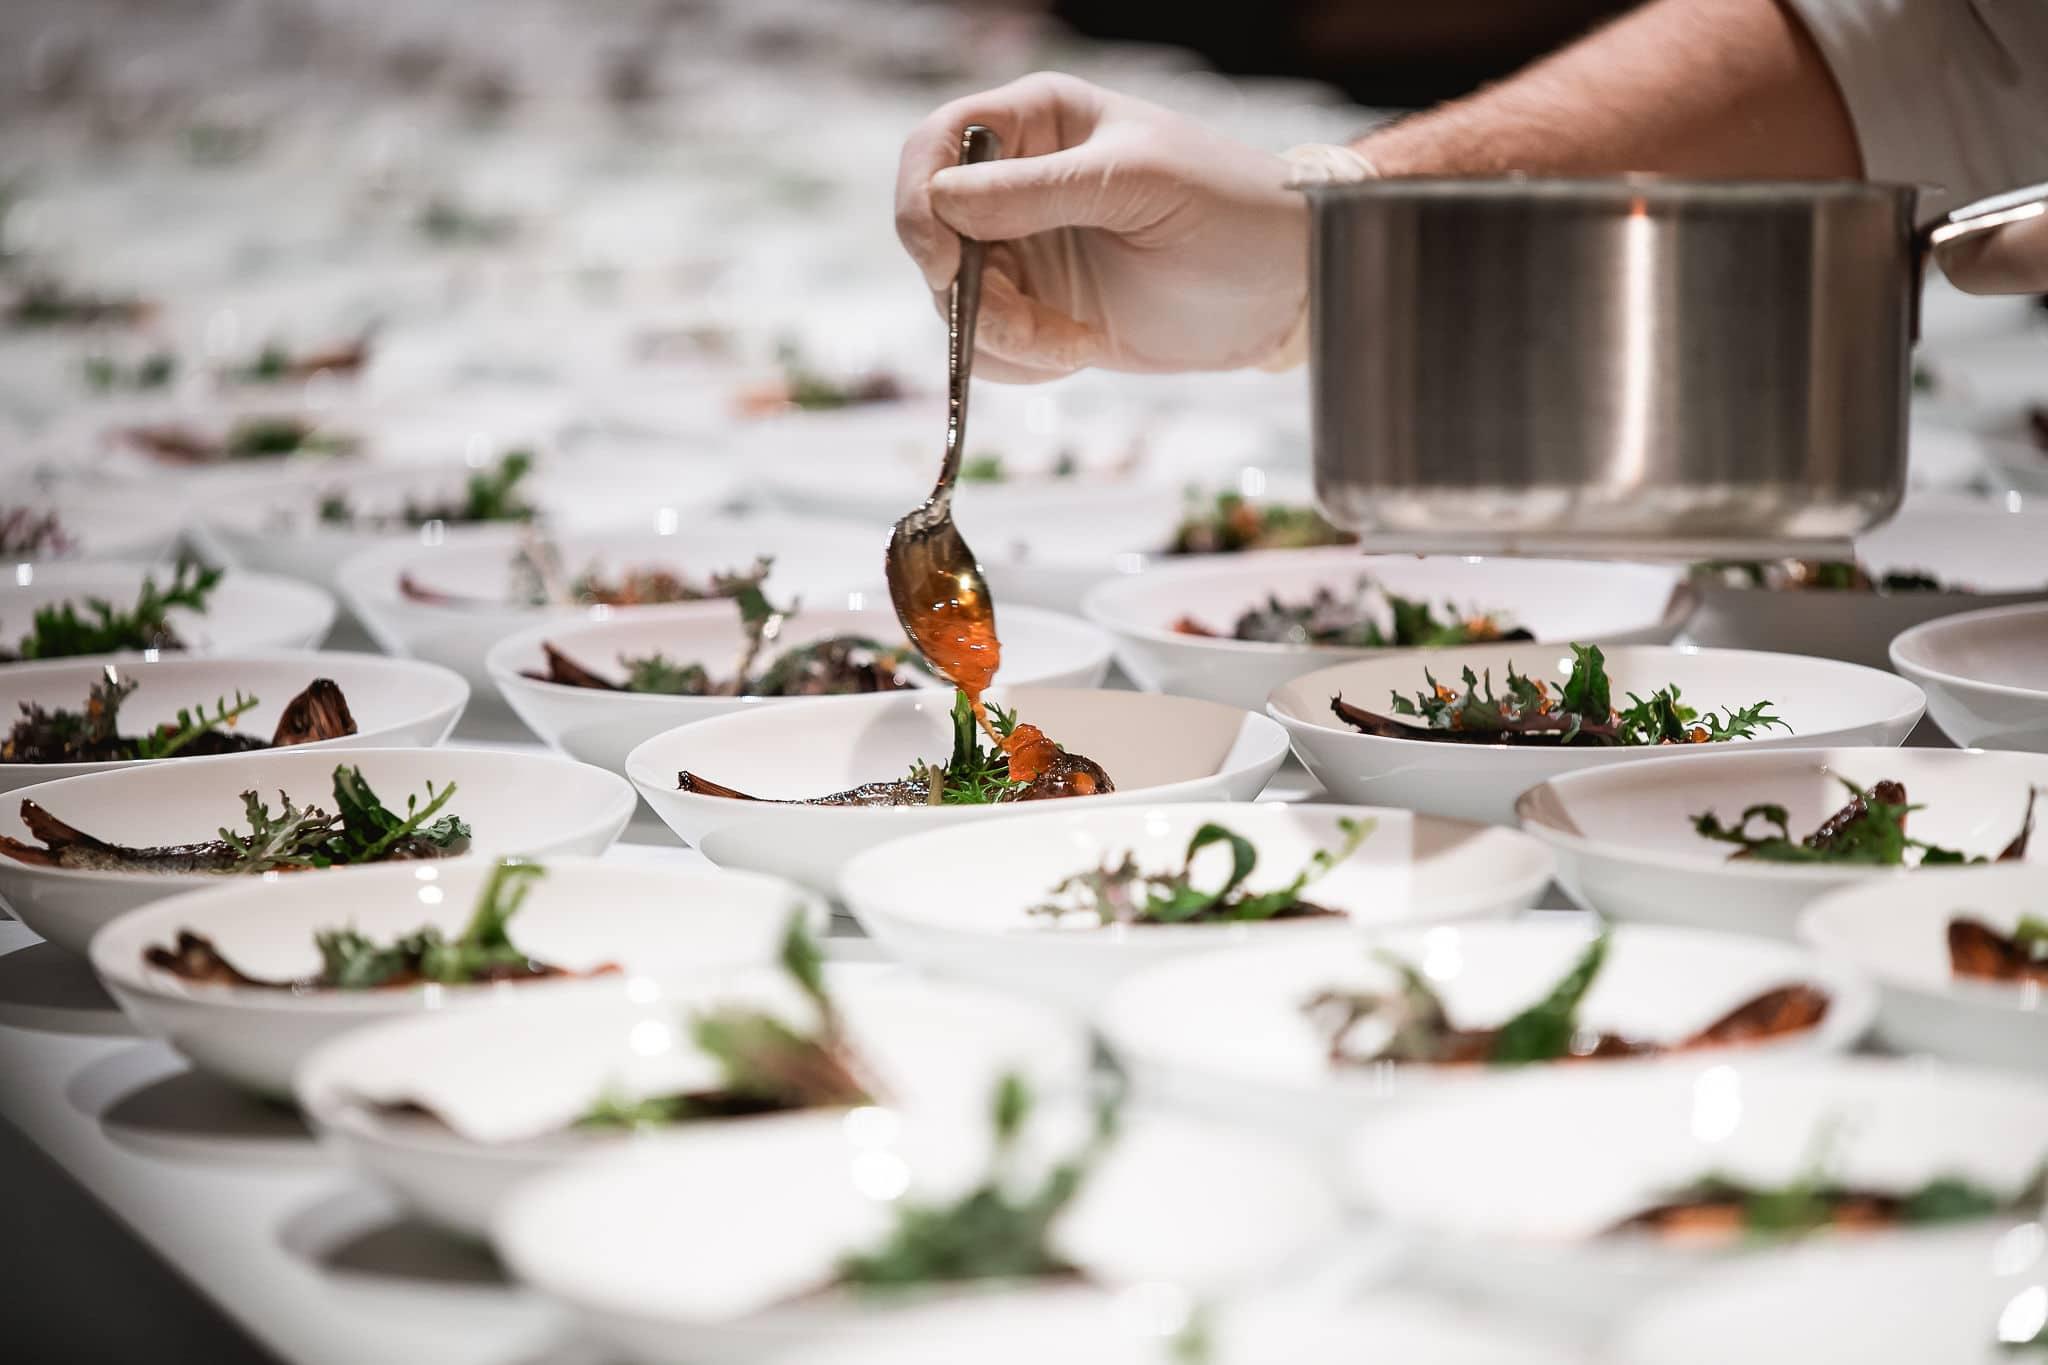 european_food_summit_experience_dinner